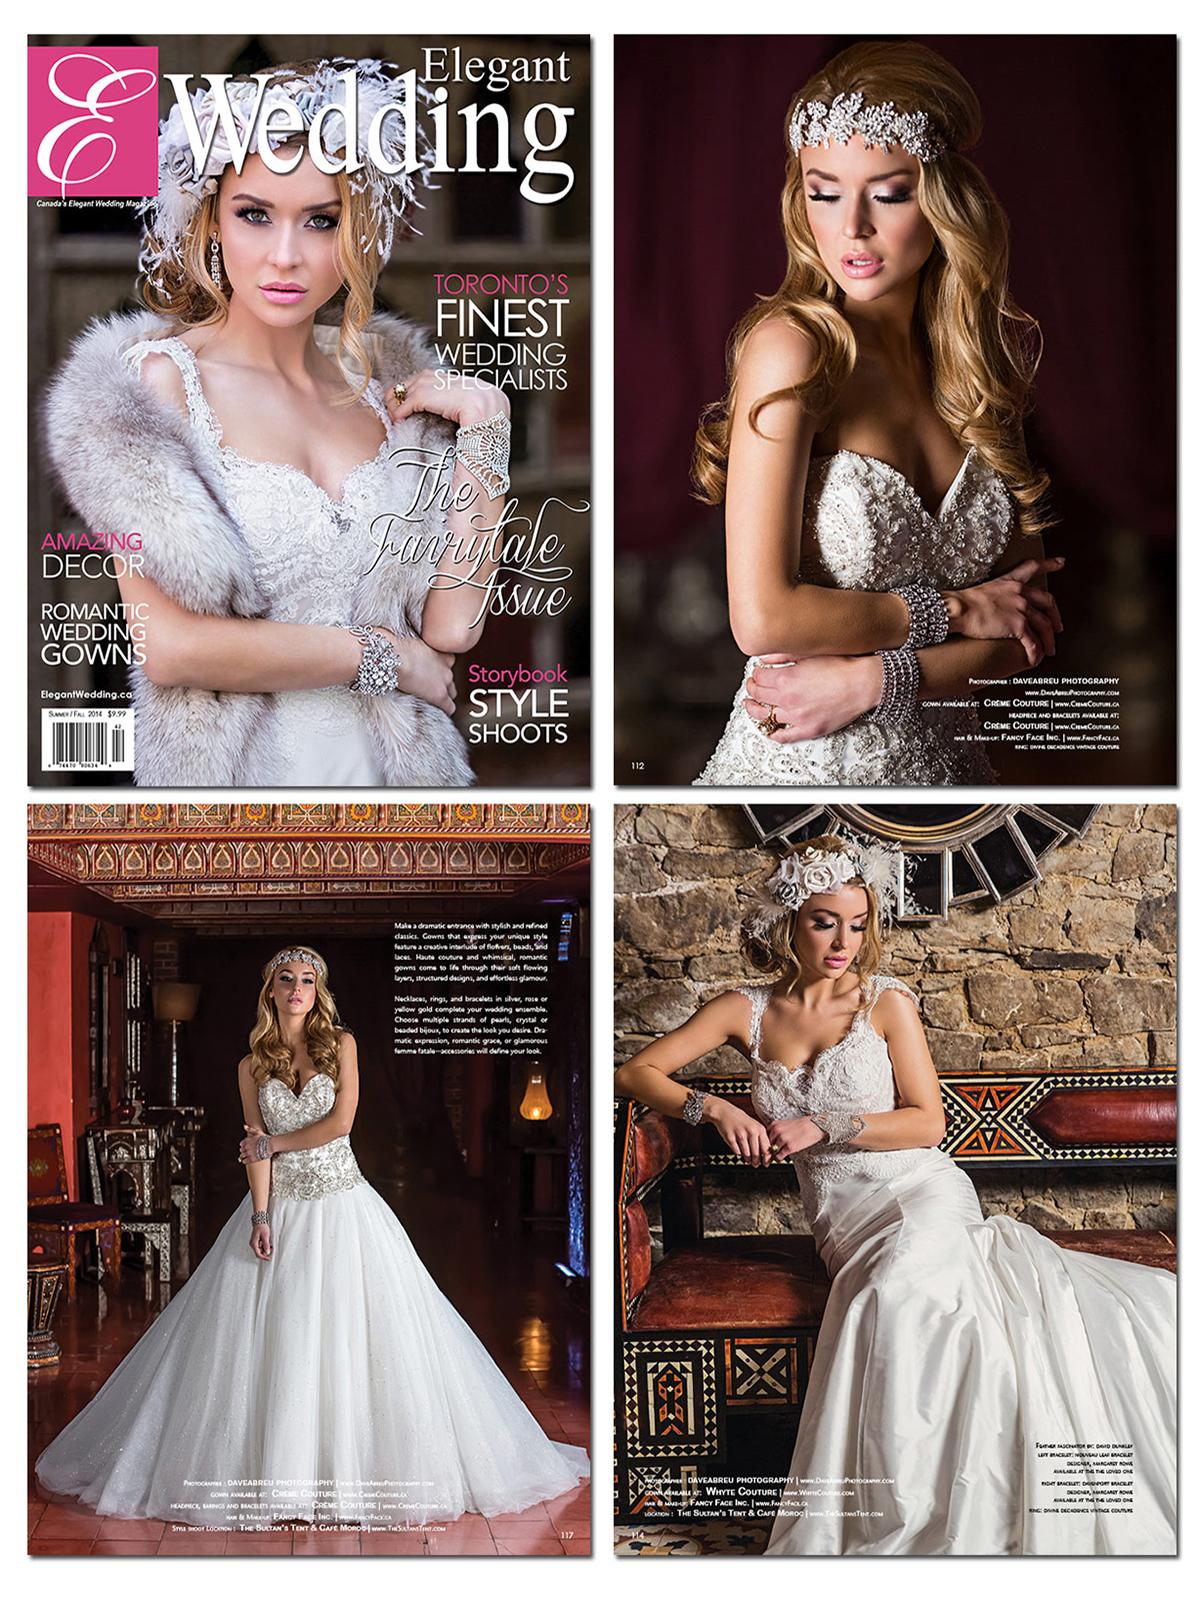 Elegant Wedding Spread